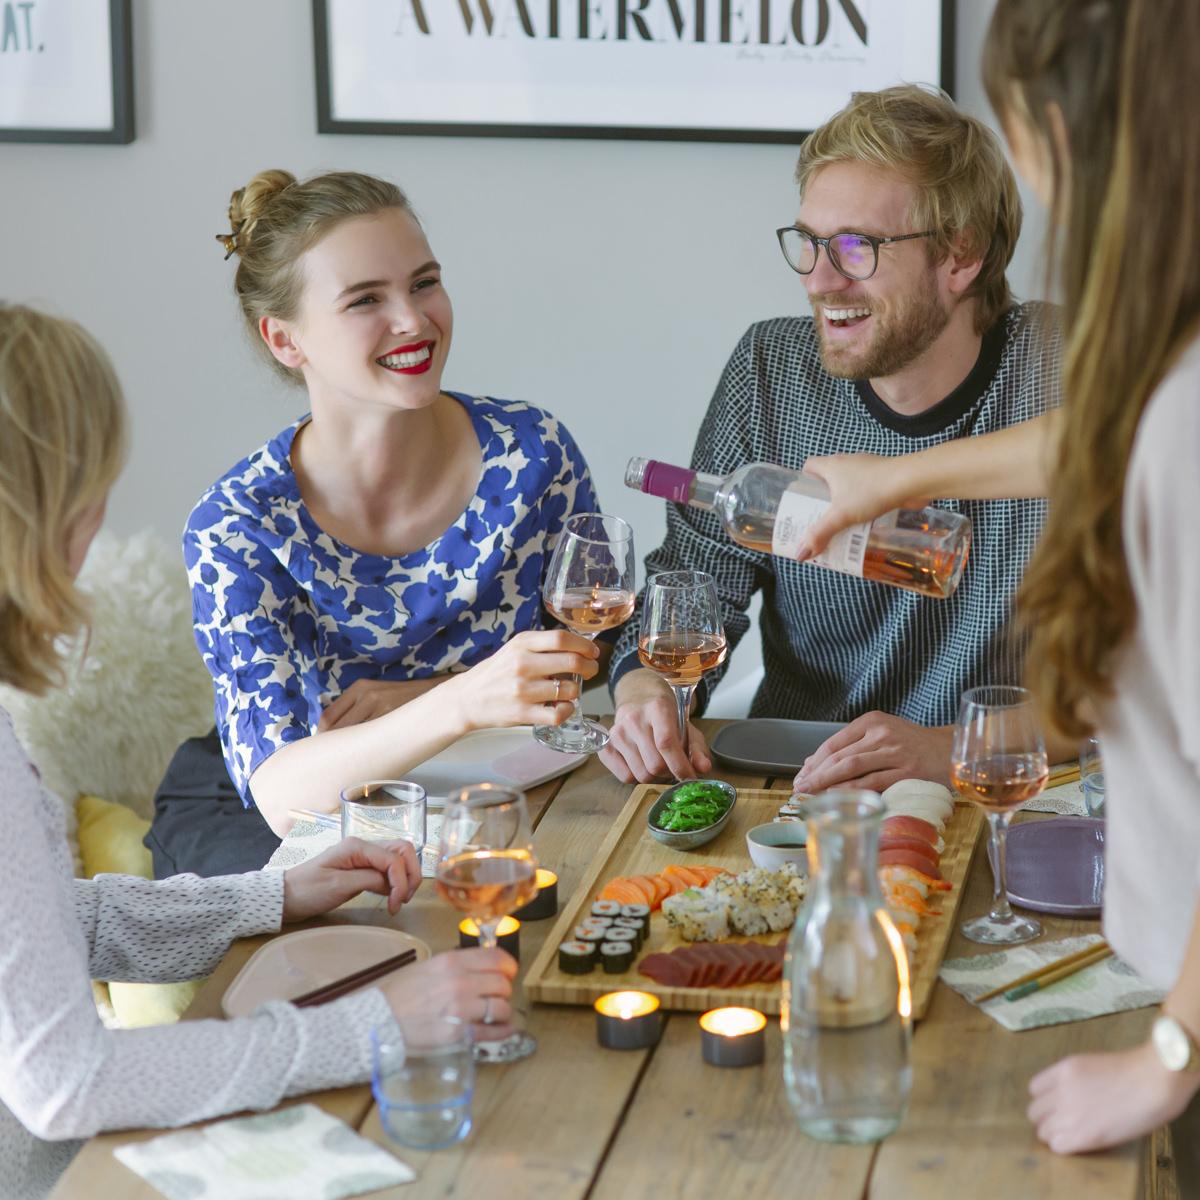 Freunde essen zusammen Sushi von Eat Happy, fotografiert für Social Media | Fotos: Hanna Witte